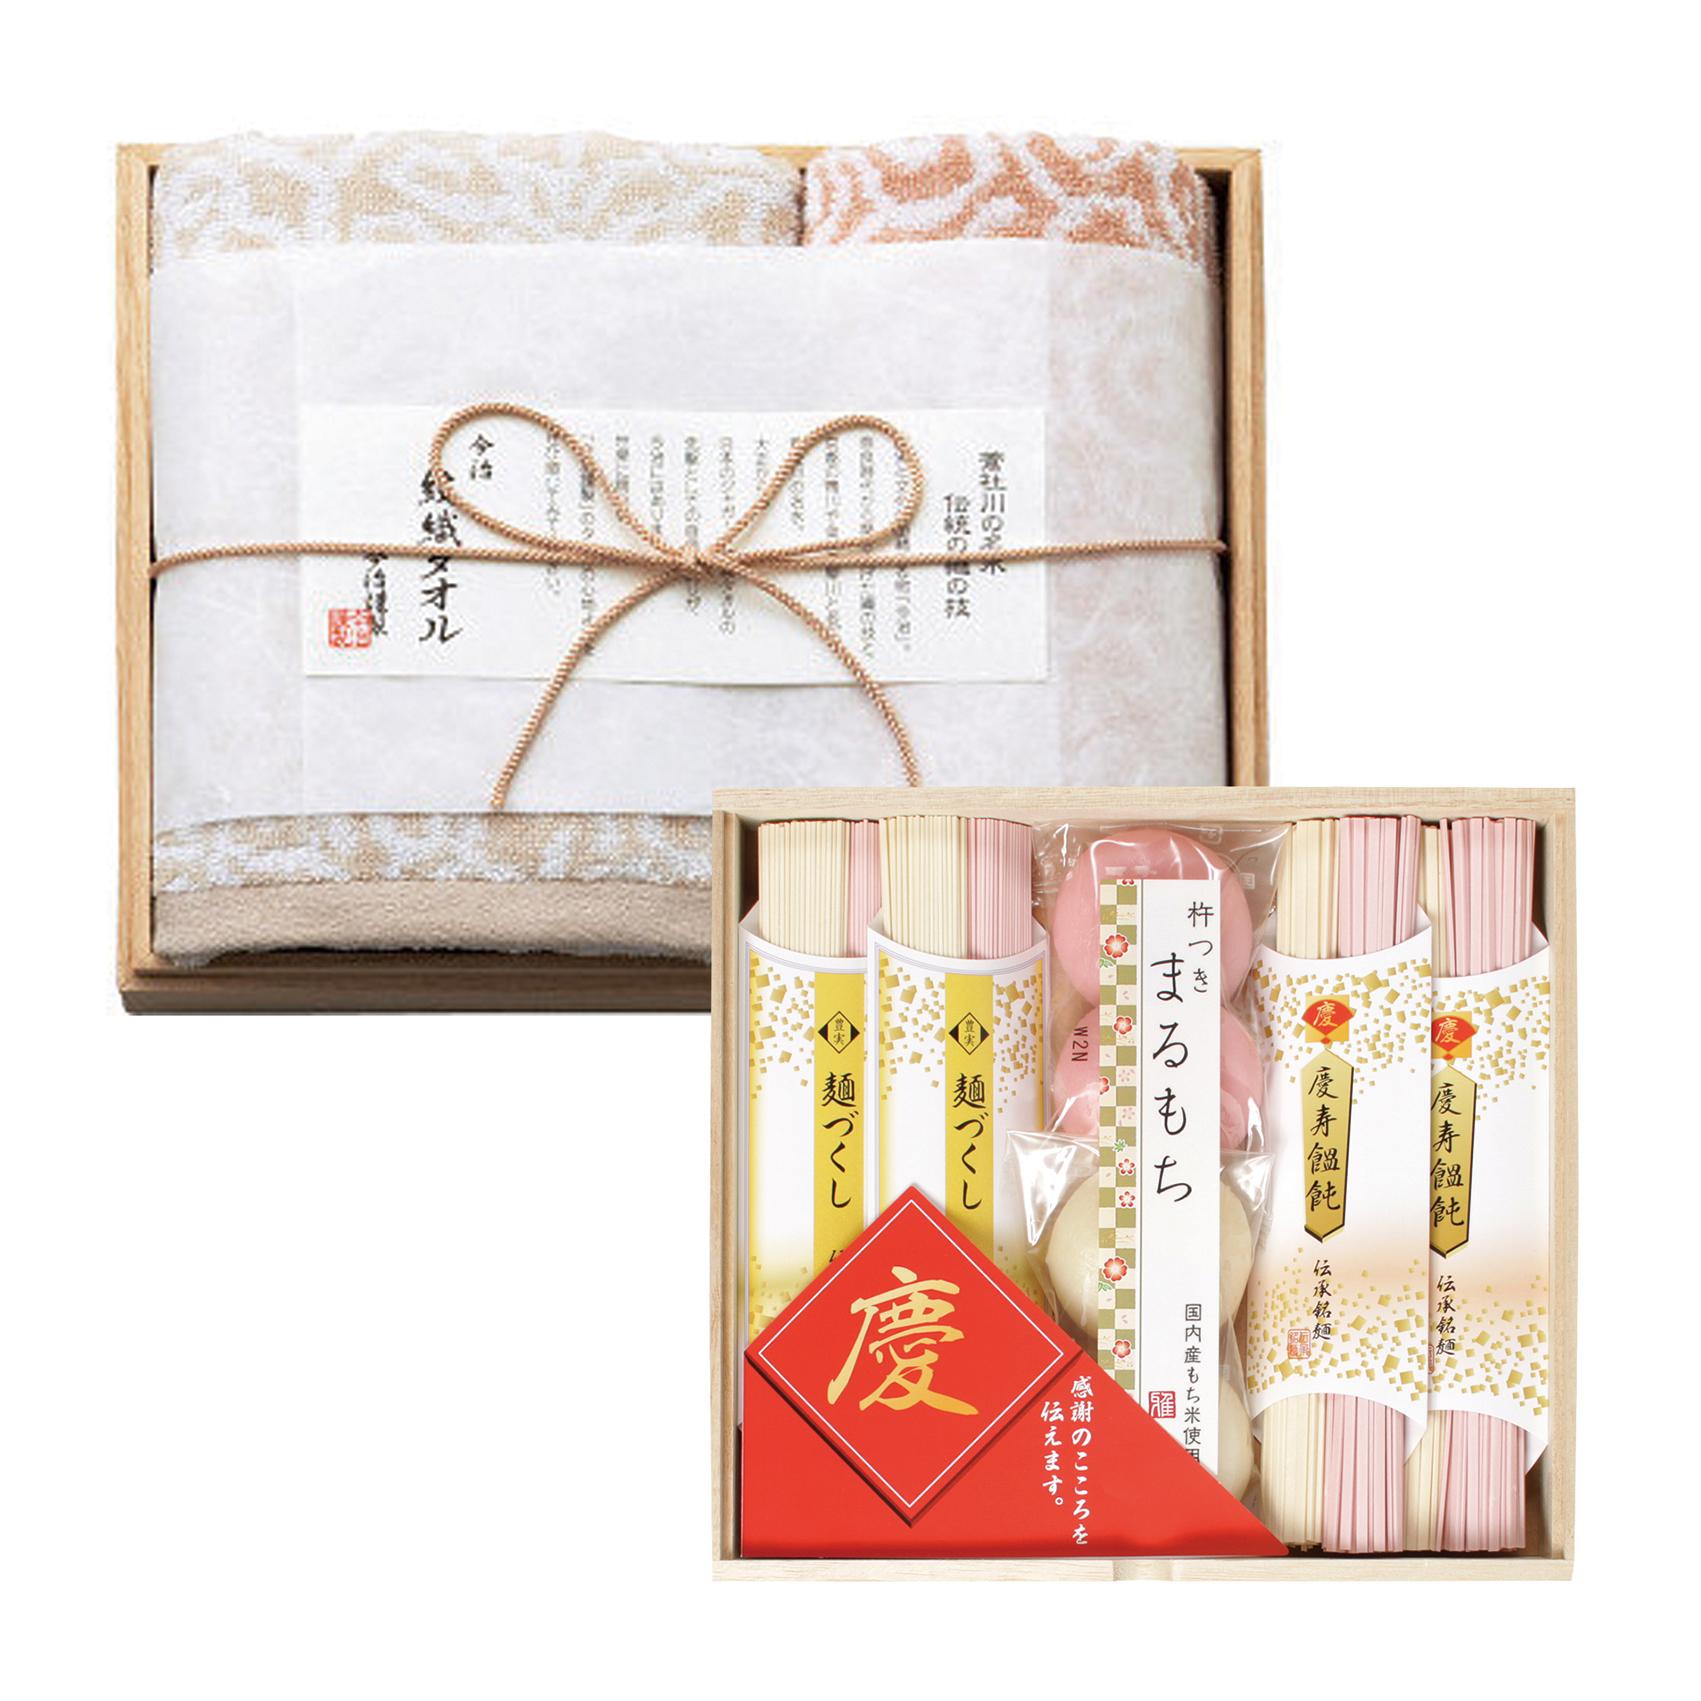 【お急ぎ便】名入れ紅白麺&今治タオル木箱入りセットB